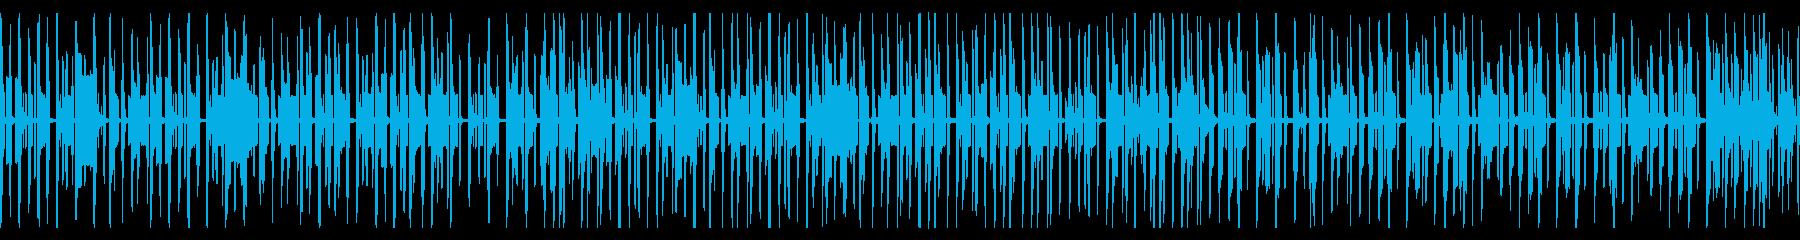 動画向け ゆるい雰囲気のピコピコ脱力系の再生済みの波形